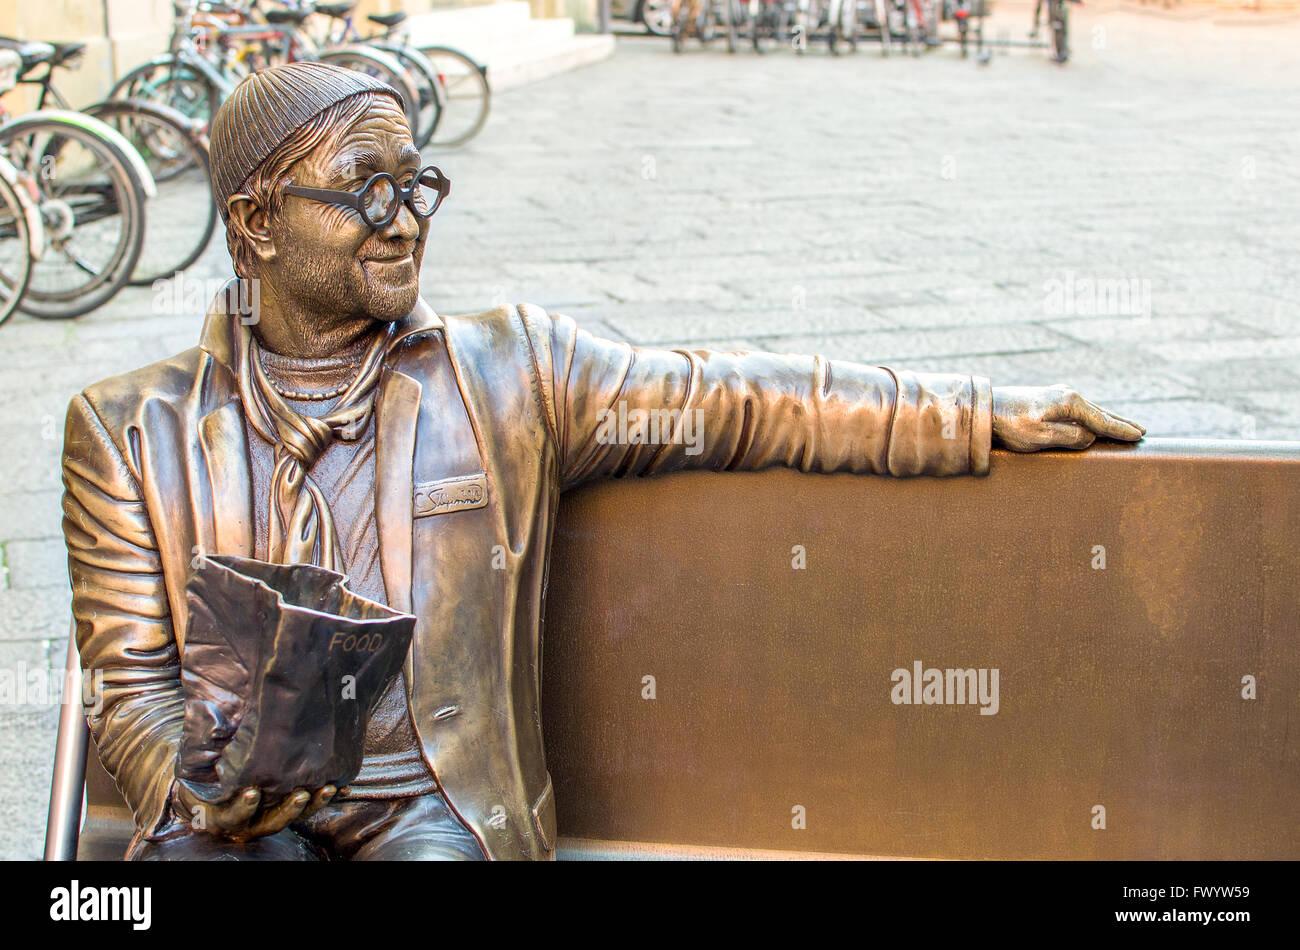 statue in honor of the famous Italian singer Lucio Dalla in Piazza Celestine Stock Photo